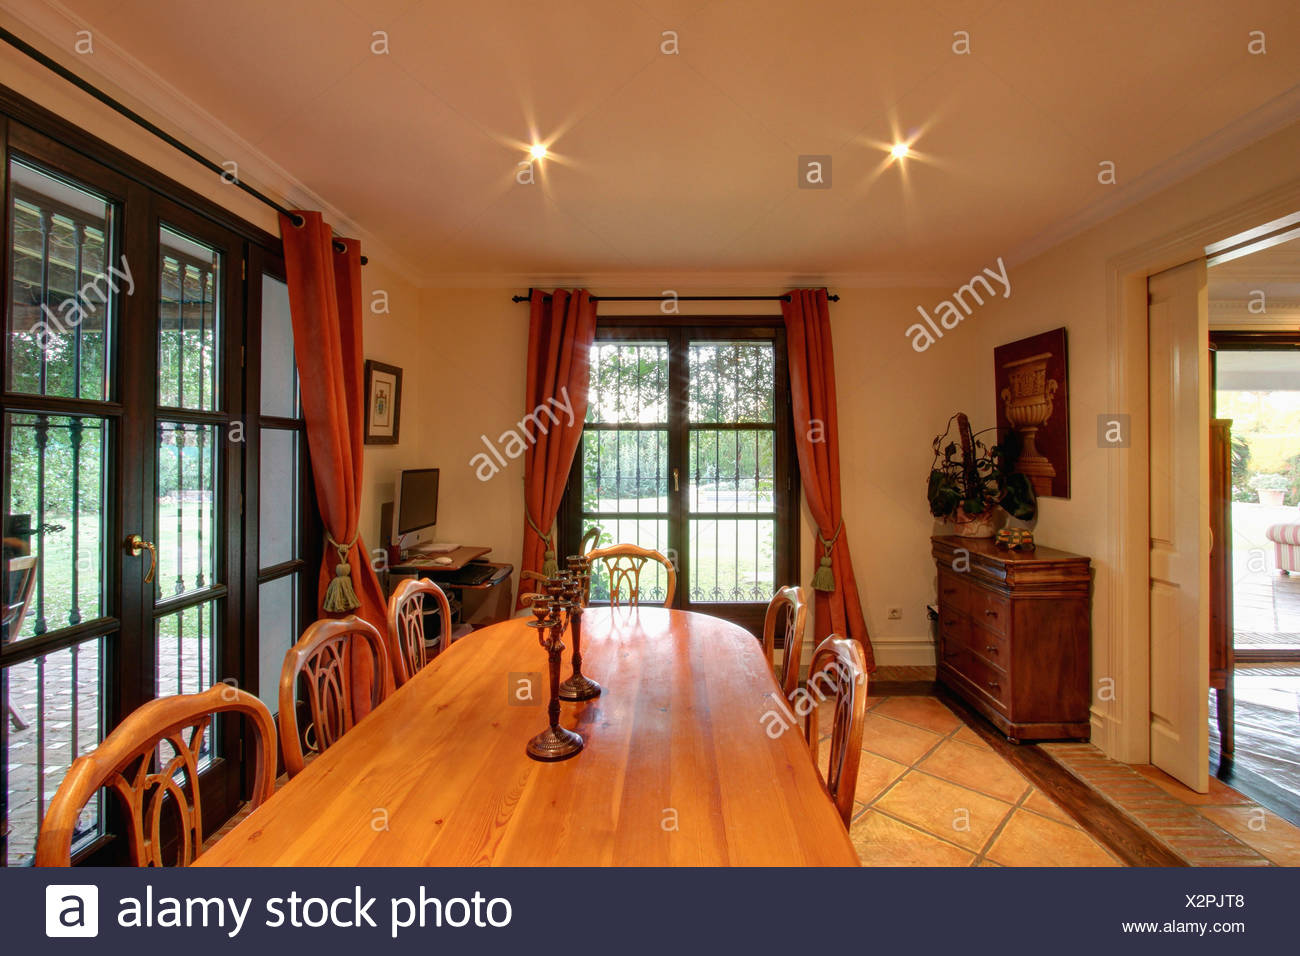 Chaises en bois clair table ovale et chaises dans une salle à manger ...